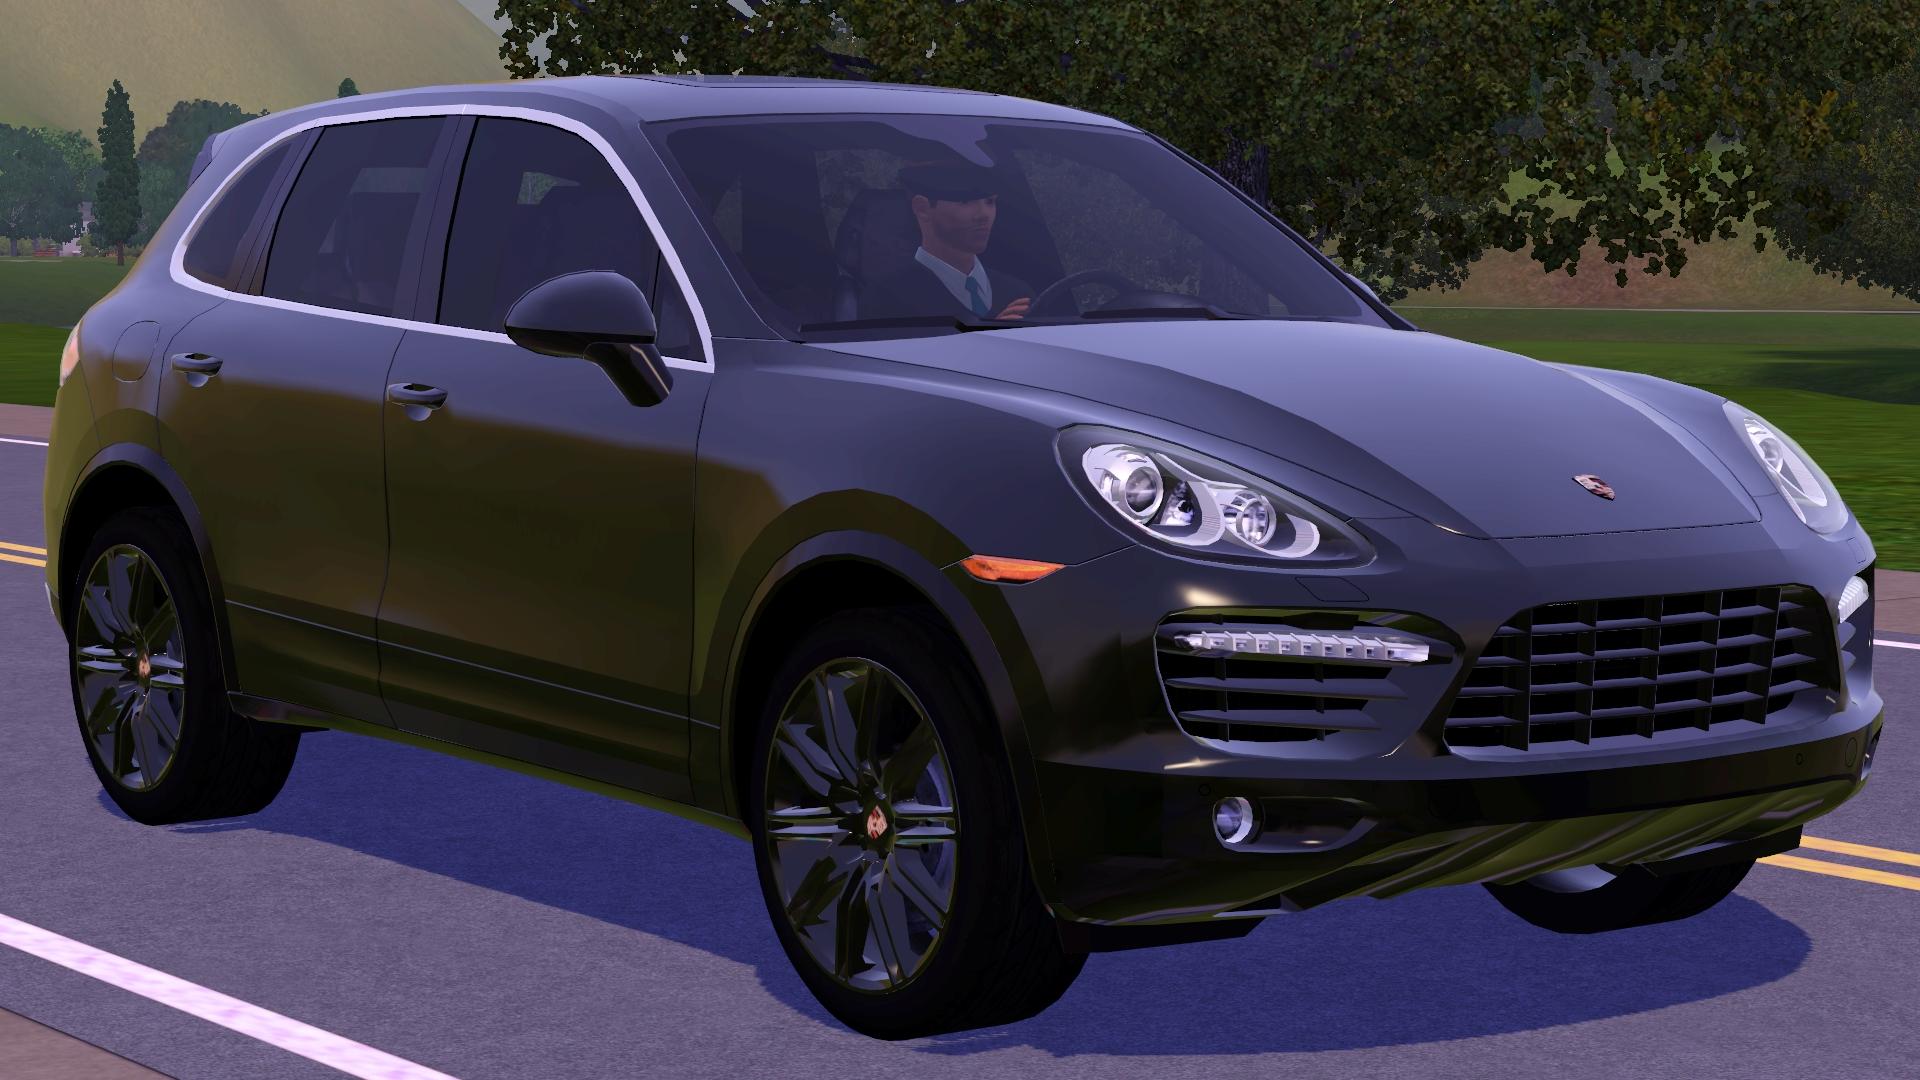 Sims 3 Updates Fresh Prince Creations 2012 Porsche Cayenne